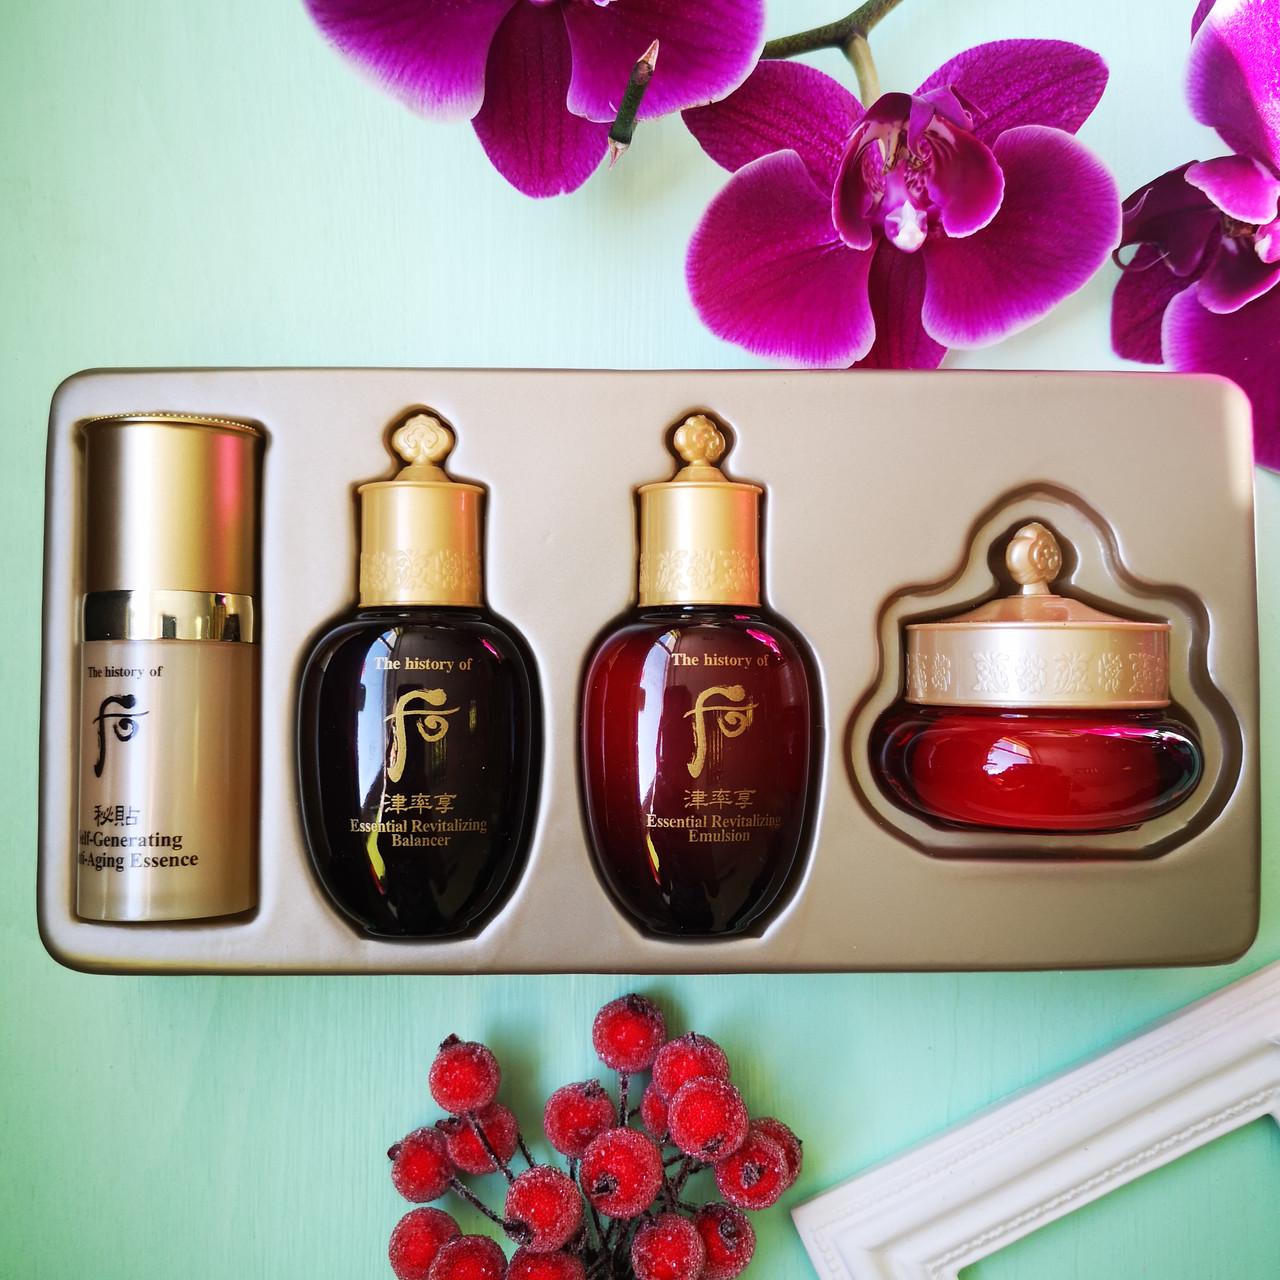 Набор средств Whoo антивозрастной серии 4 шт The History Of Whoo Ja Saeng Essence Special Gift Set 4 items